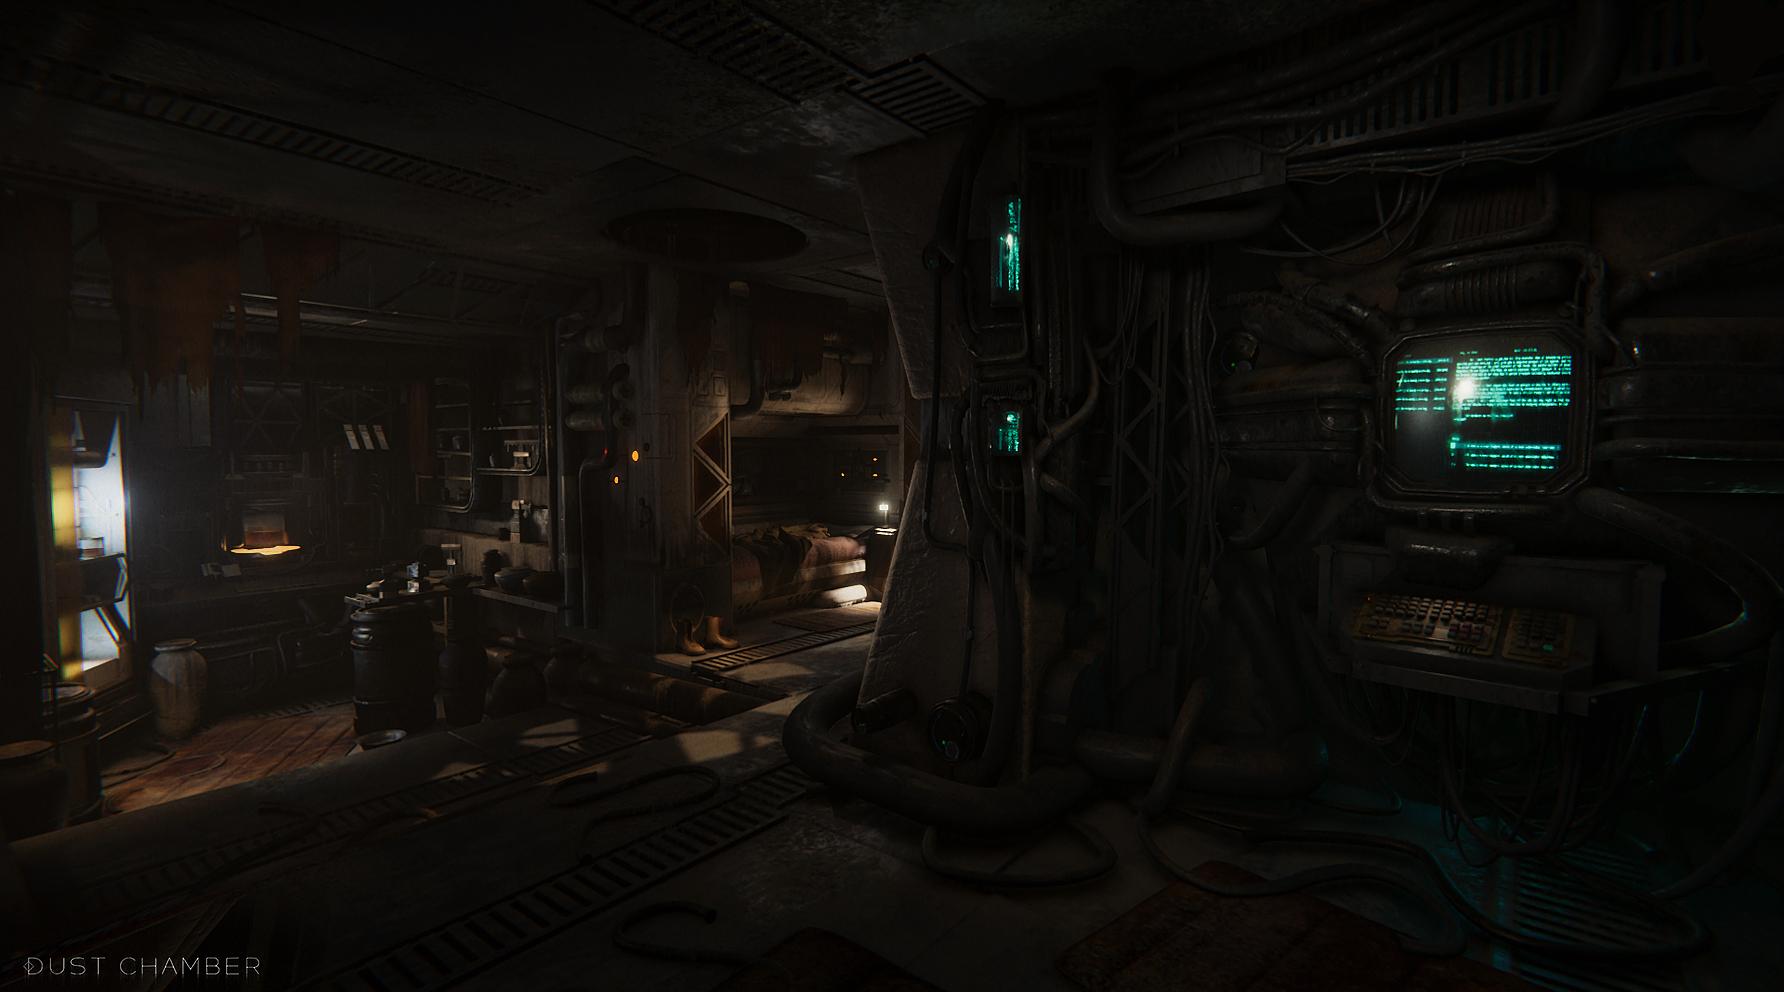 Dust_chamber_screenshots_final_03 | Dust Chamber : Бесконечная Структура, пыль, спуск в бездну